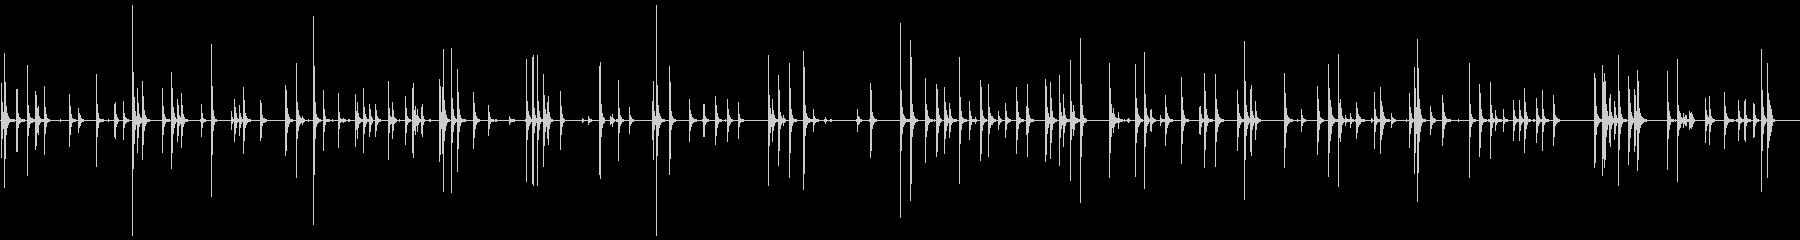 軽金属カウベル:ランダムラトル、ラ...の未再生の波形